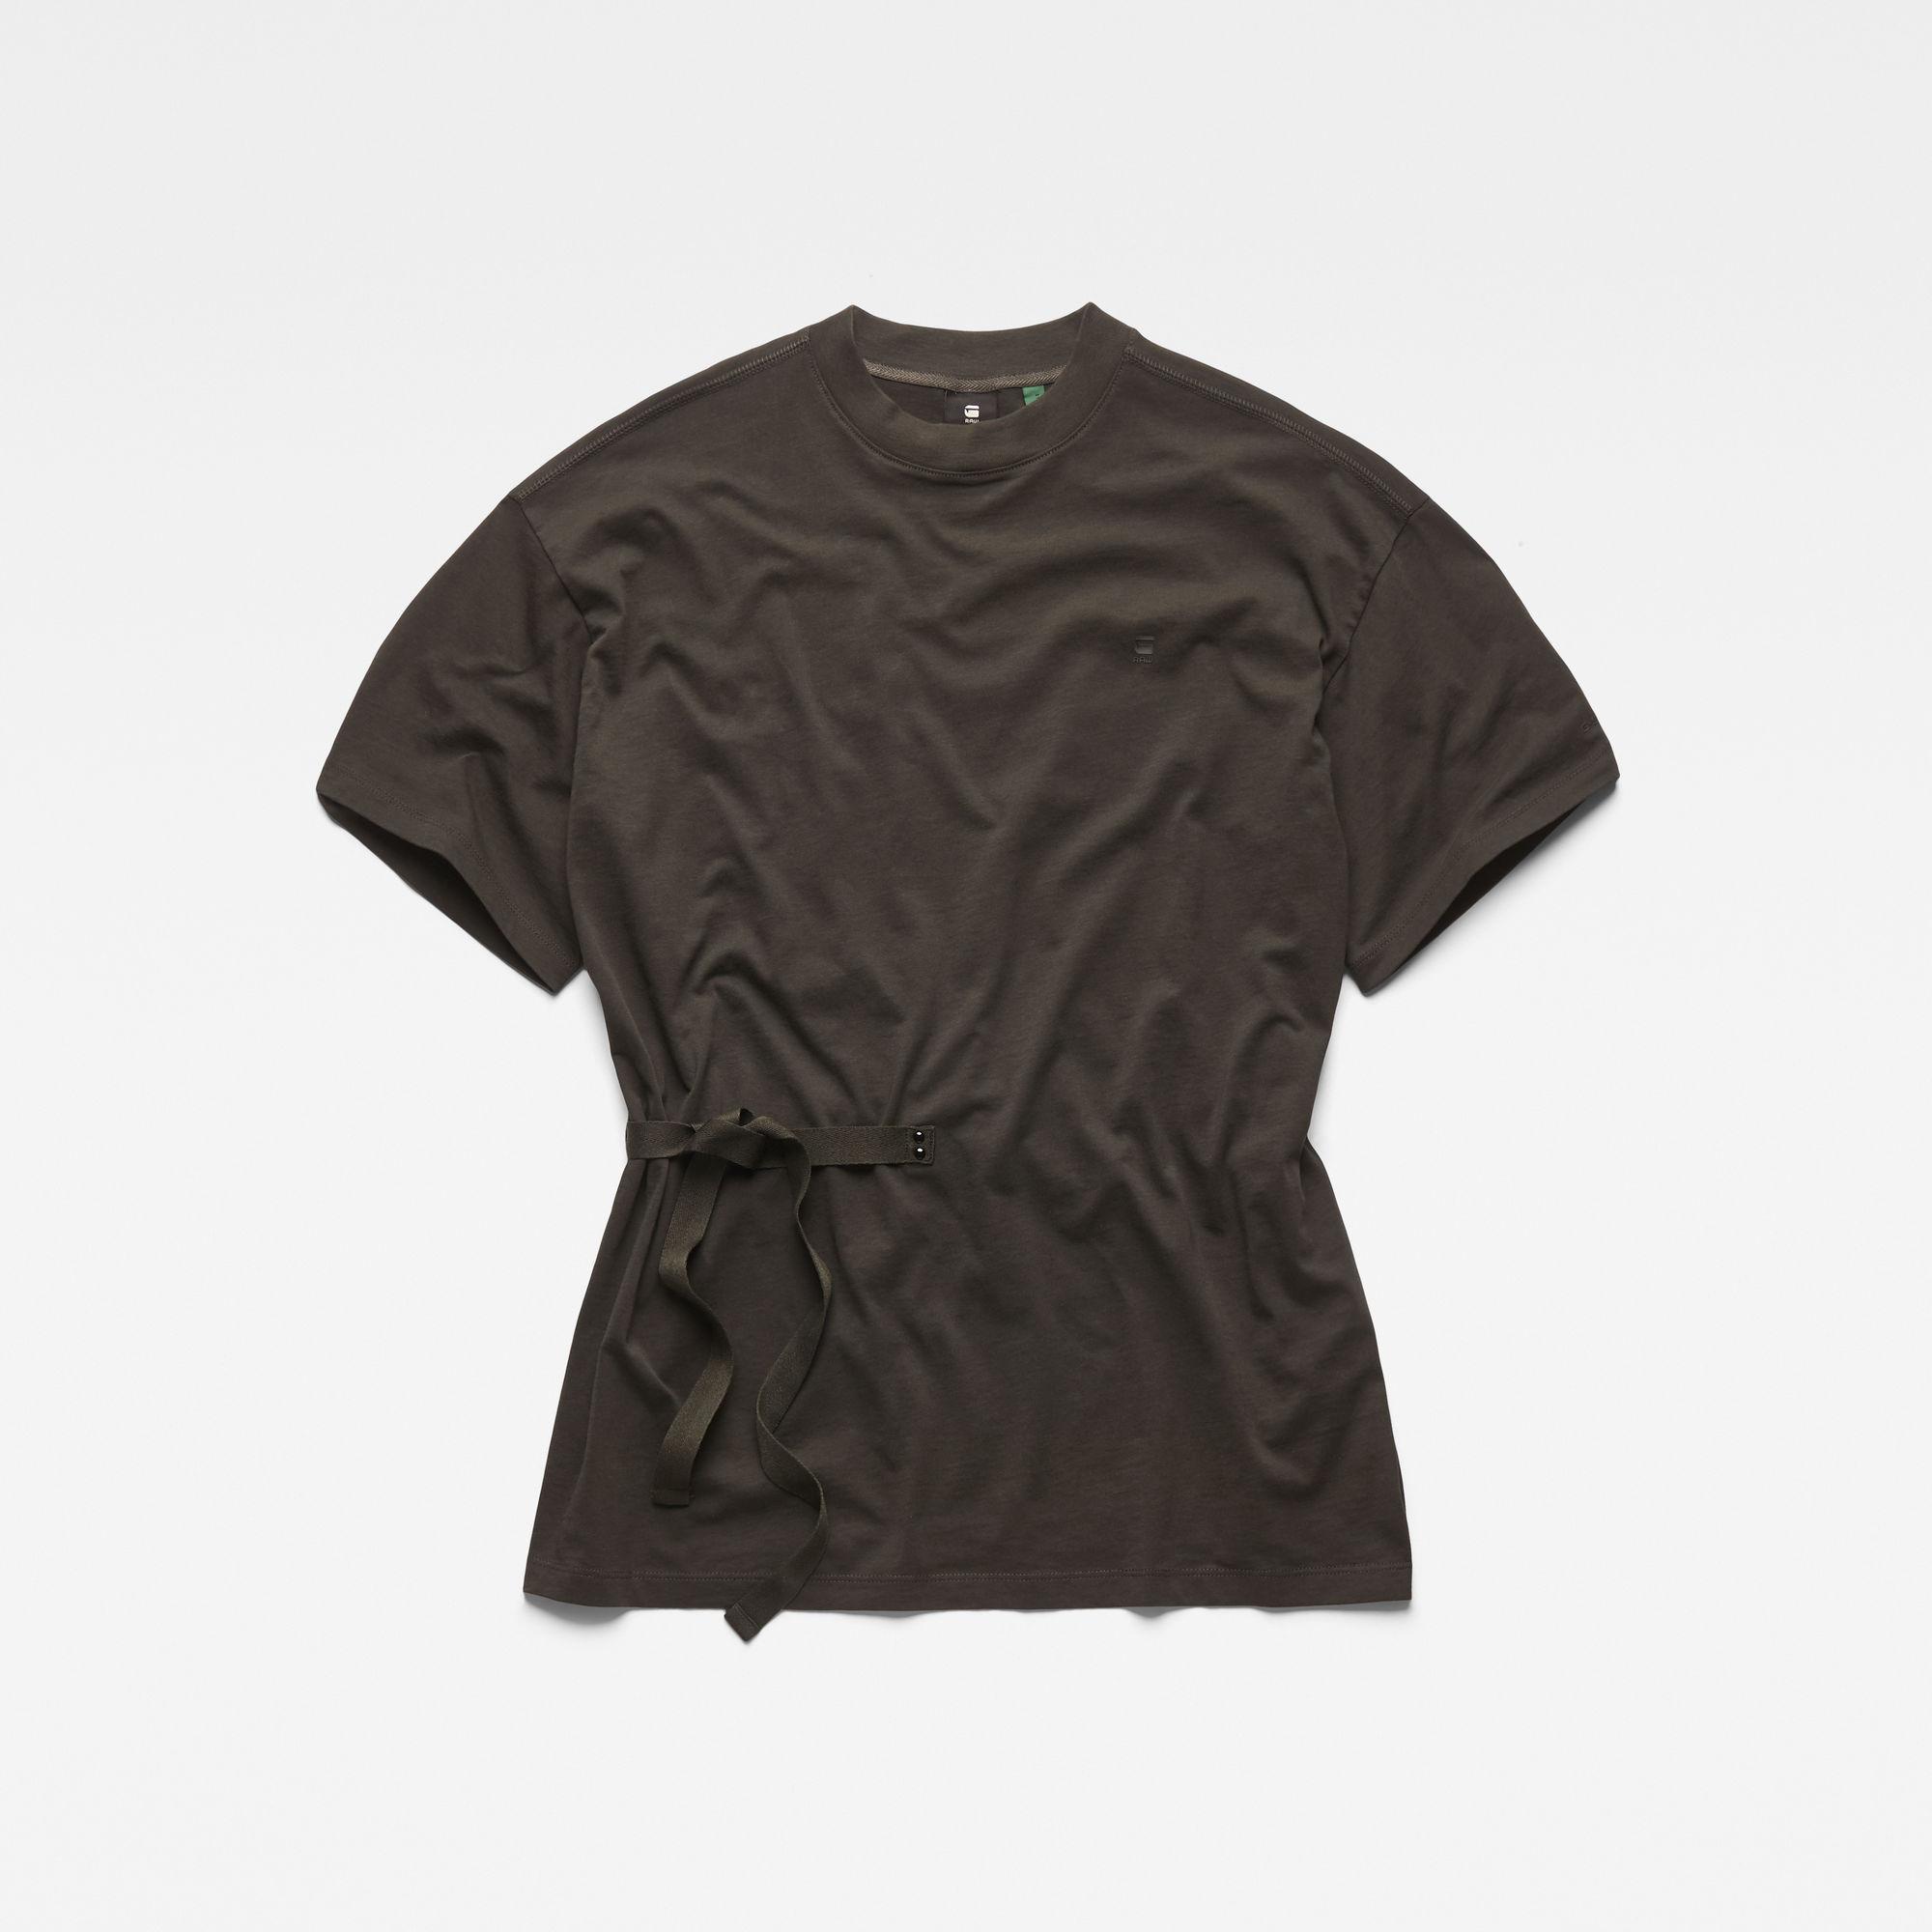 Camiseta Disem Loose